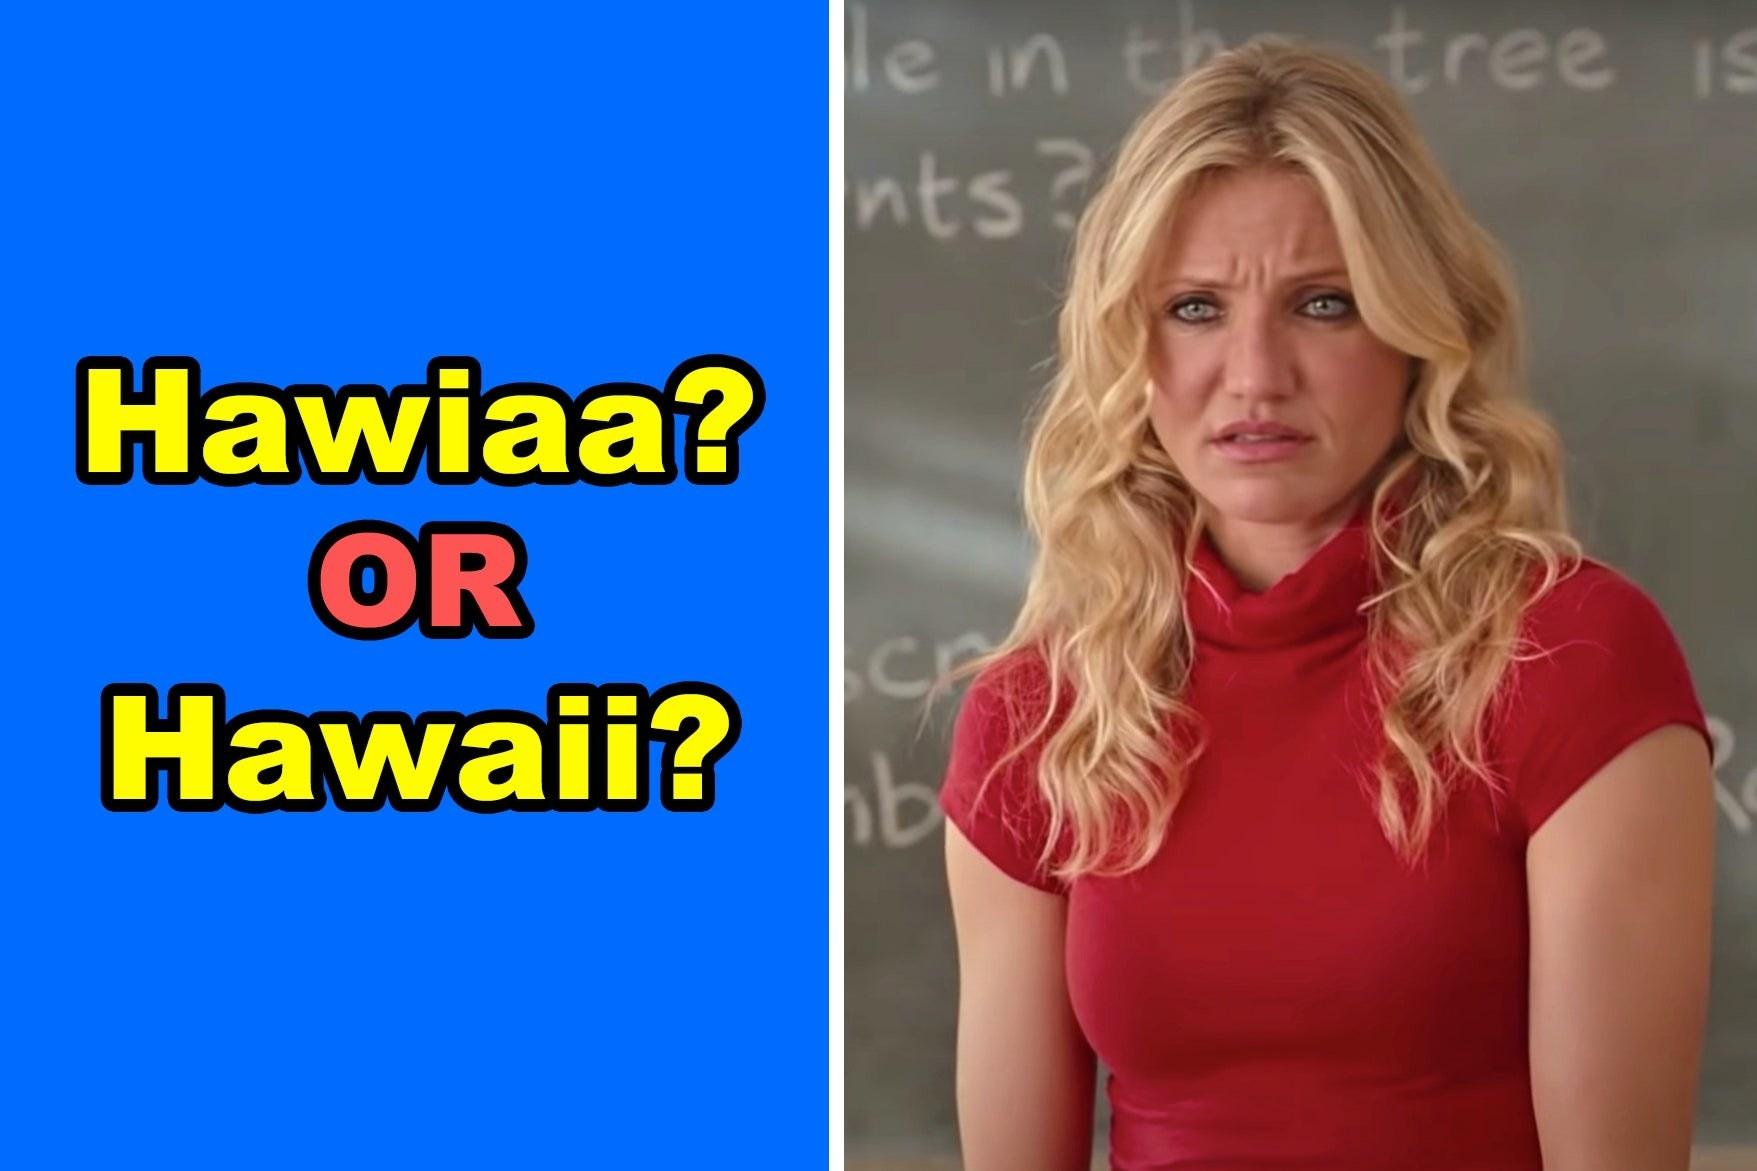 """Elizabeth from """"Bad Teacher"""" with the words """"Hawiaa? or Hawaii?"""""""